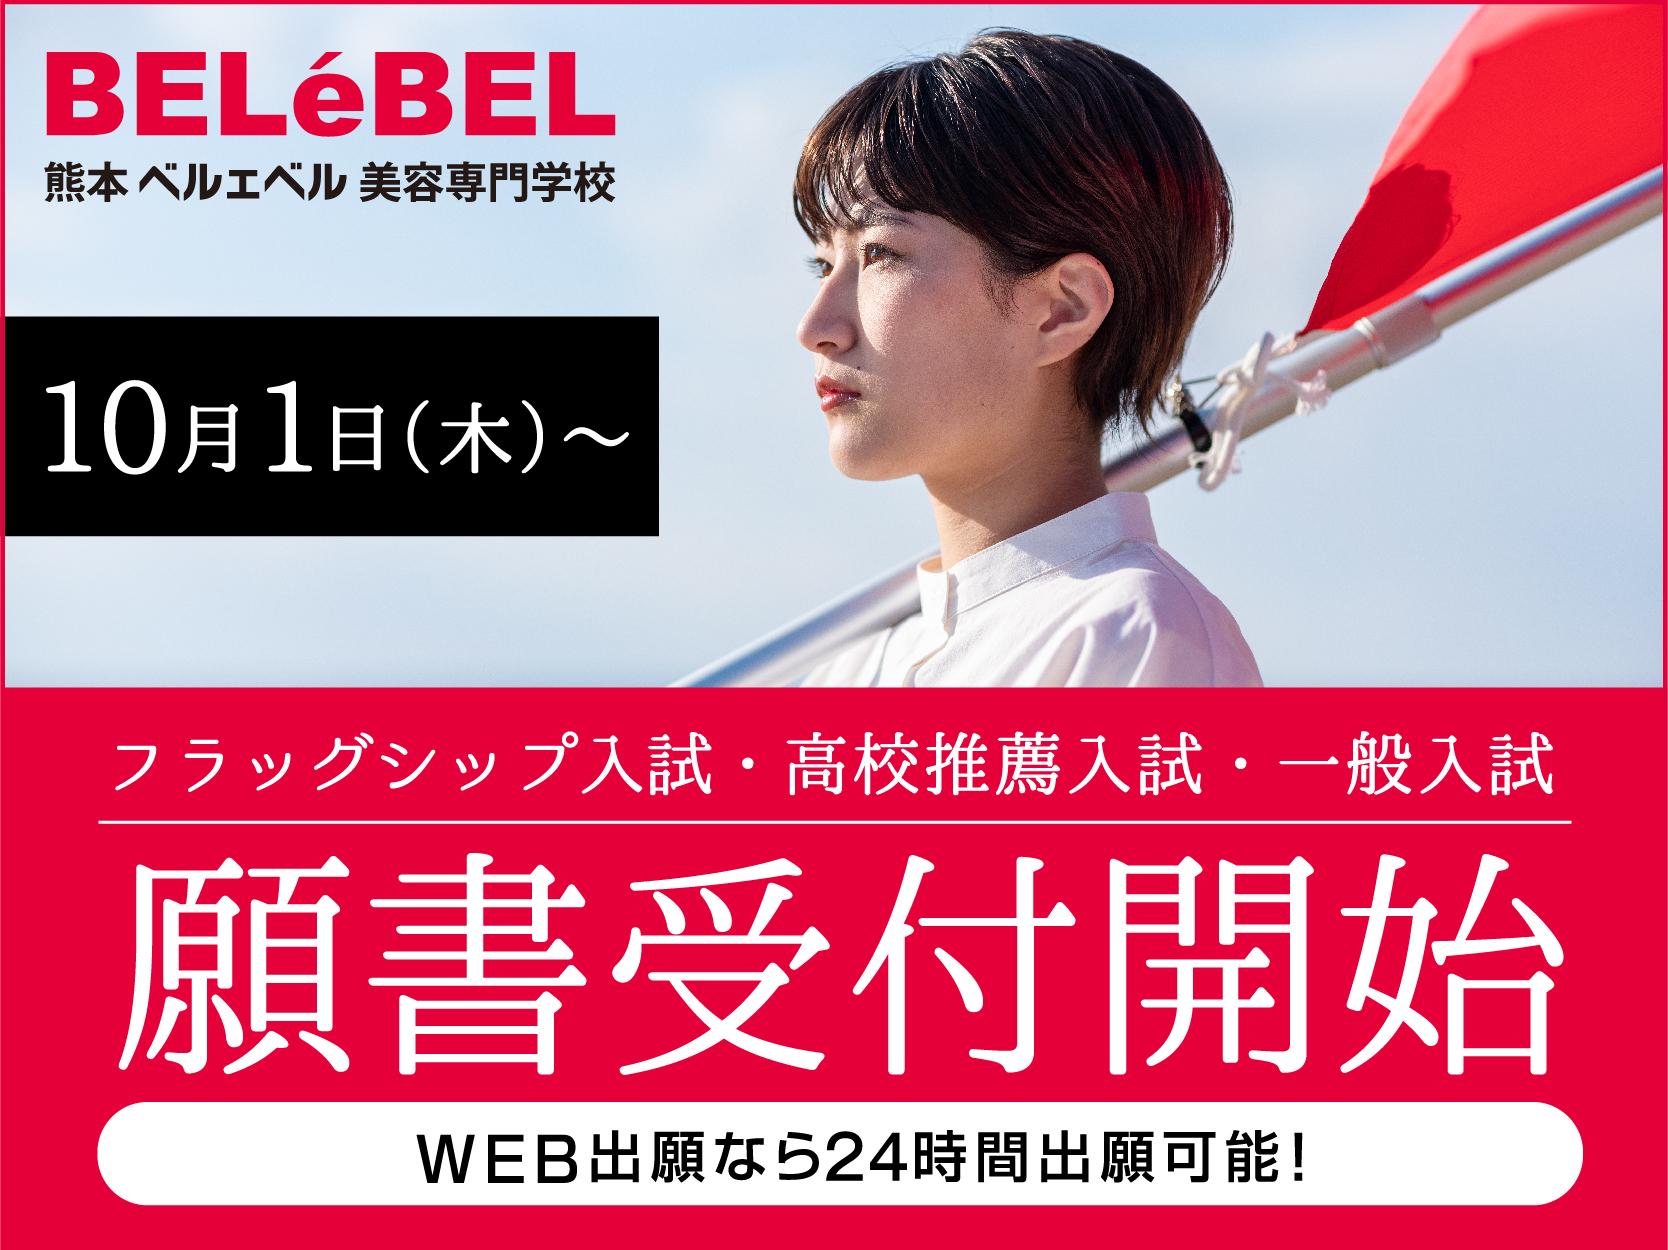 200928出願開始バナー(熊本)_800-600